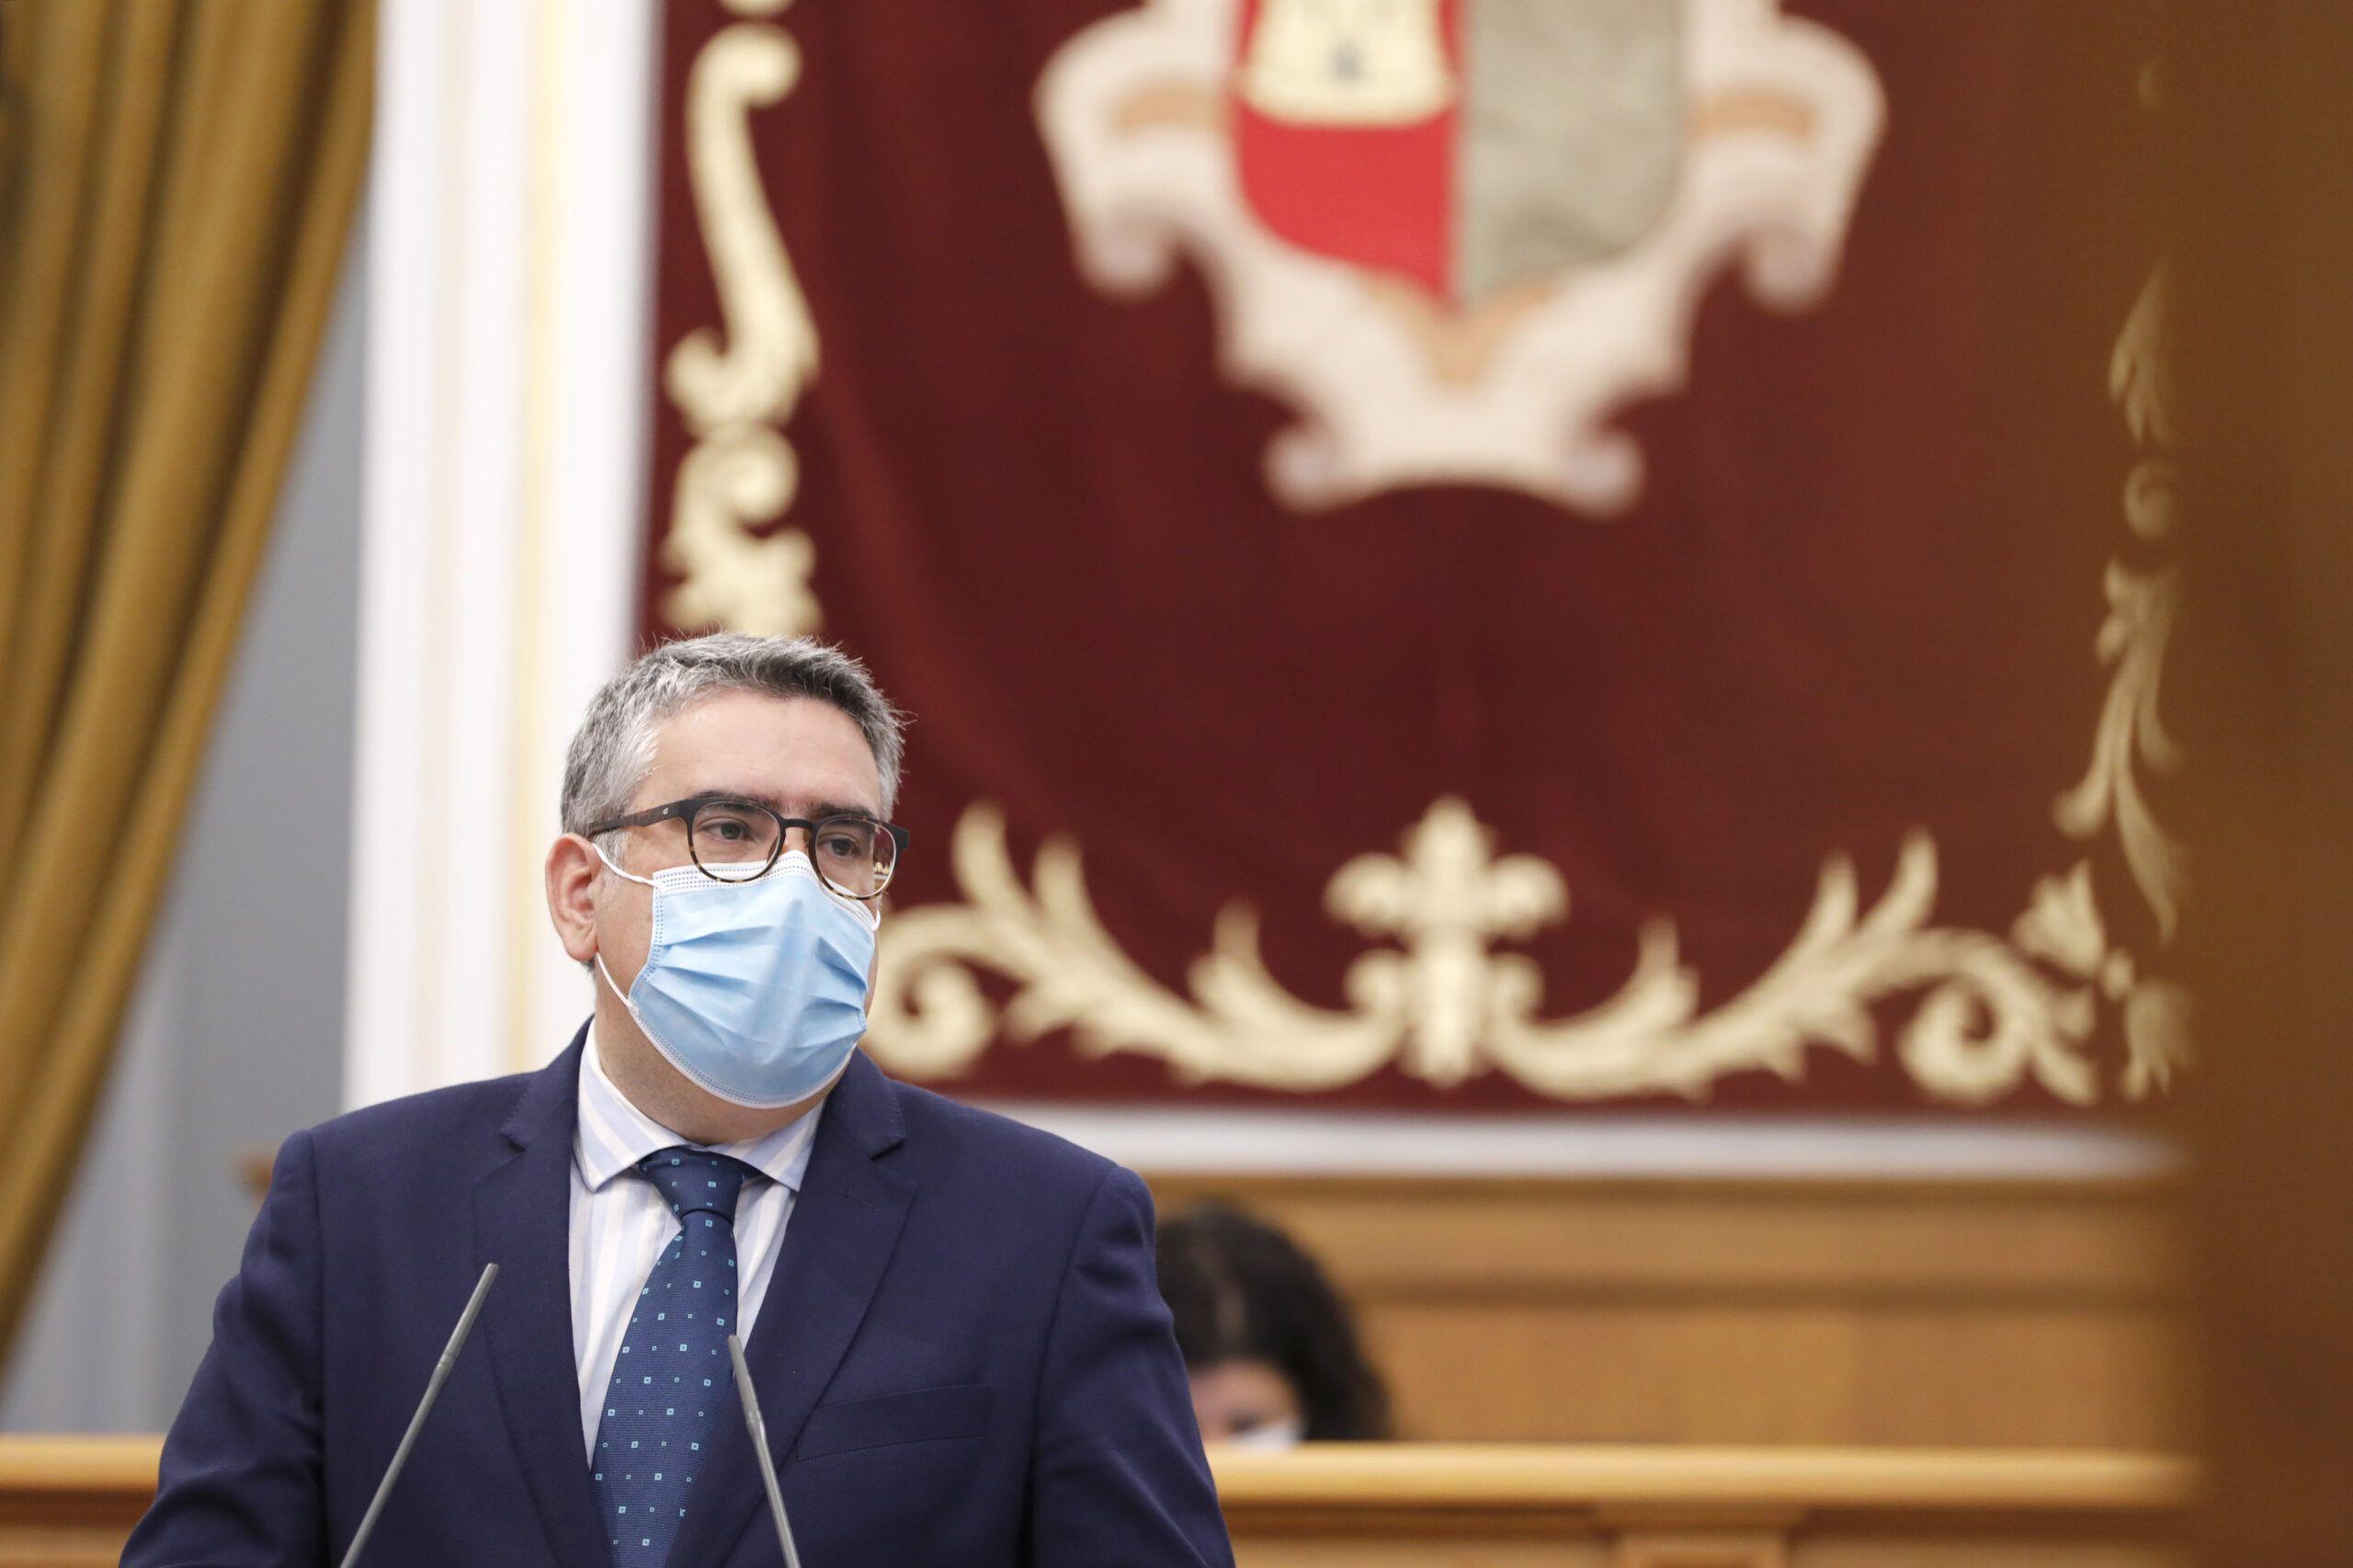 Rodríguez lamenta que la Ley no busca la agilidad en la gestión de los fondos, sino, extender un cheque en blanco al Gobierno de Page para `saltarse los controles y no dar cuentas a la oposición´